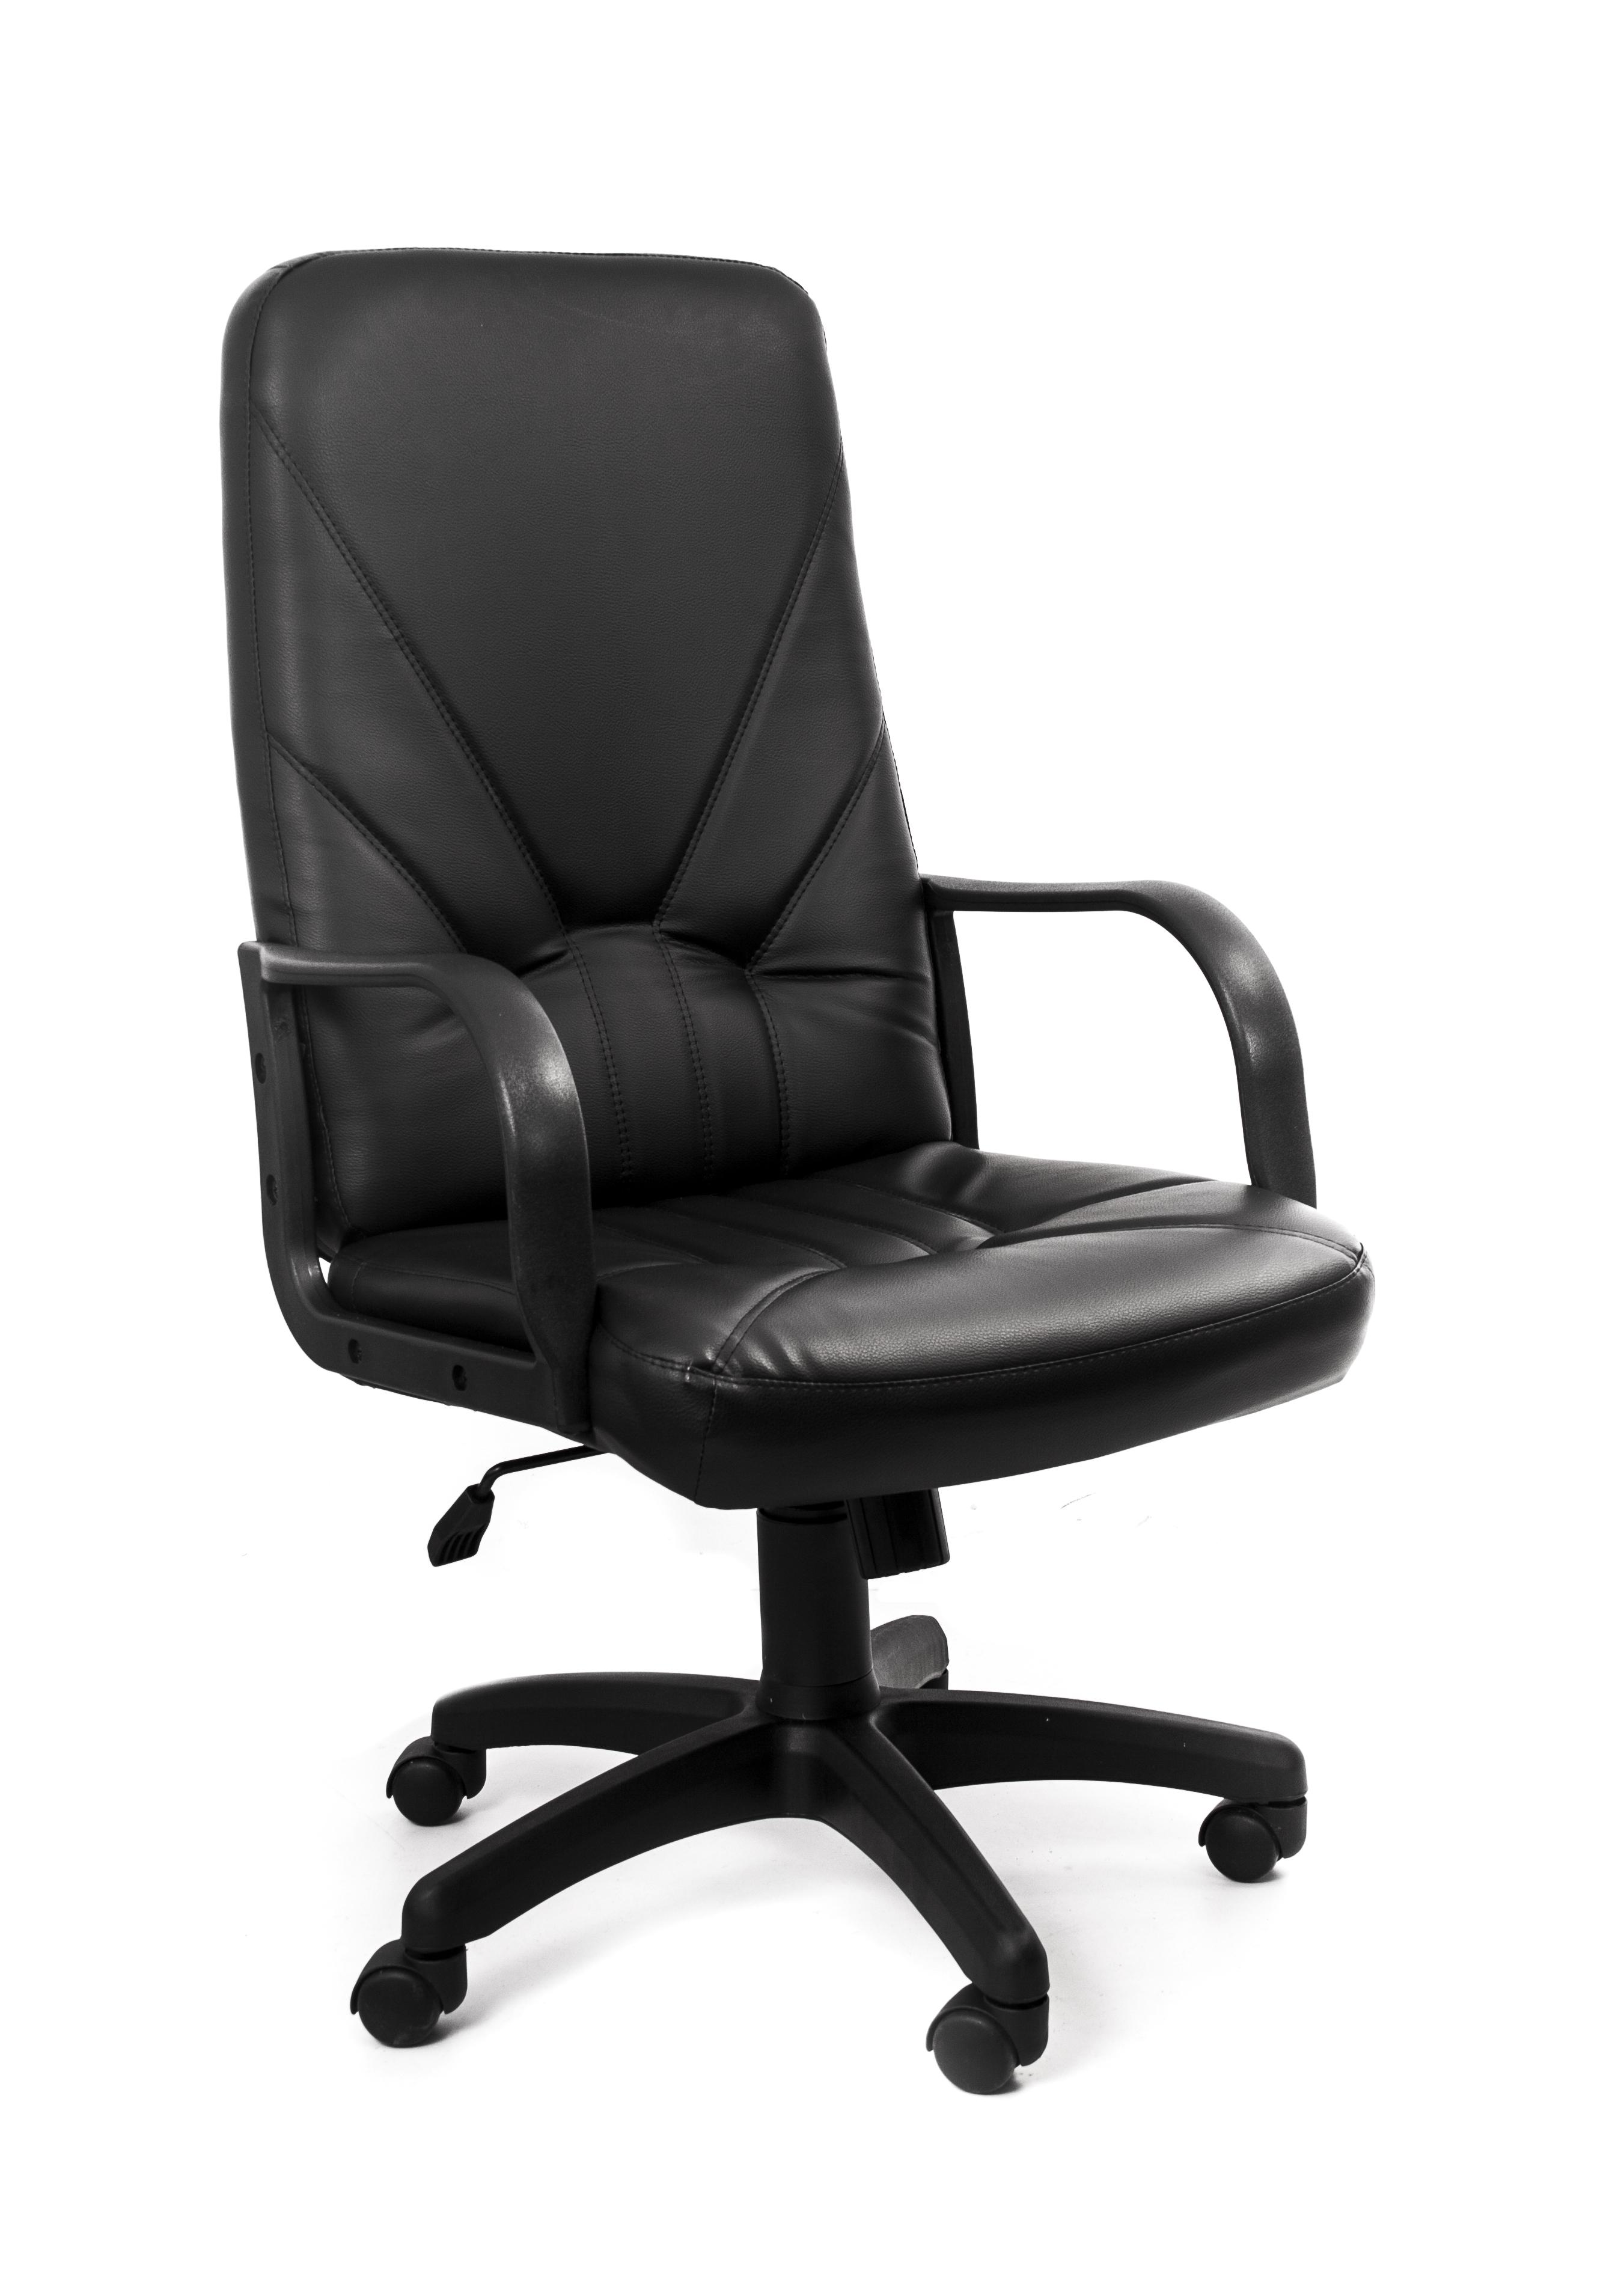 Кресло Recardo Leader (Чёрный, ЭКО КОЖА, 120кг, высота спинки 650мм, ВШГ 1070-1165*525*500мм, крест. пластик 640мм, подлокоткии пластик) кресло recardo assistant y серый